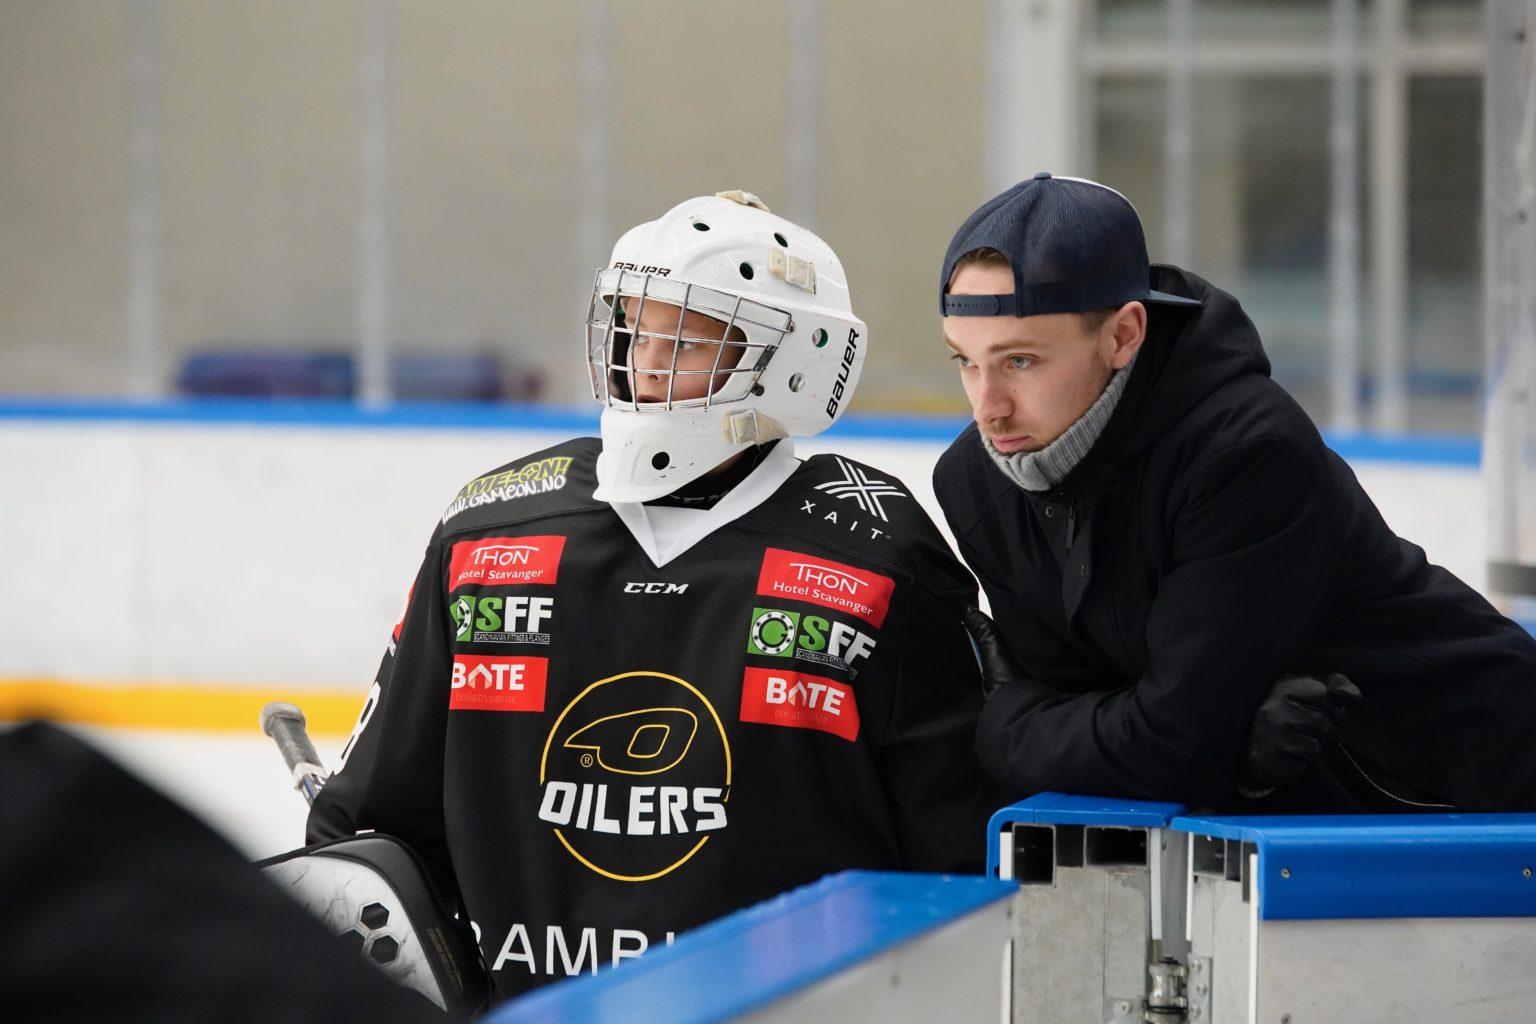 Goalie Trener Oilers Sponsor Thon SFF BATE Gameon Stavanger Hockey